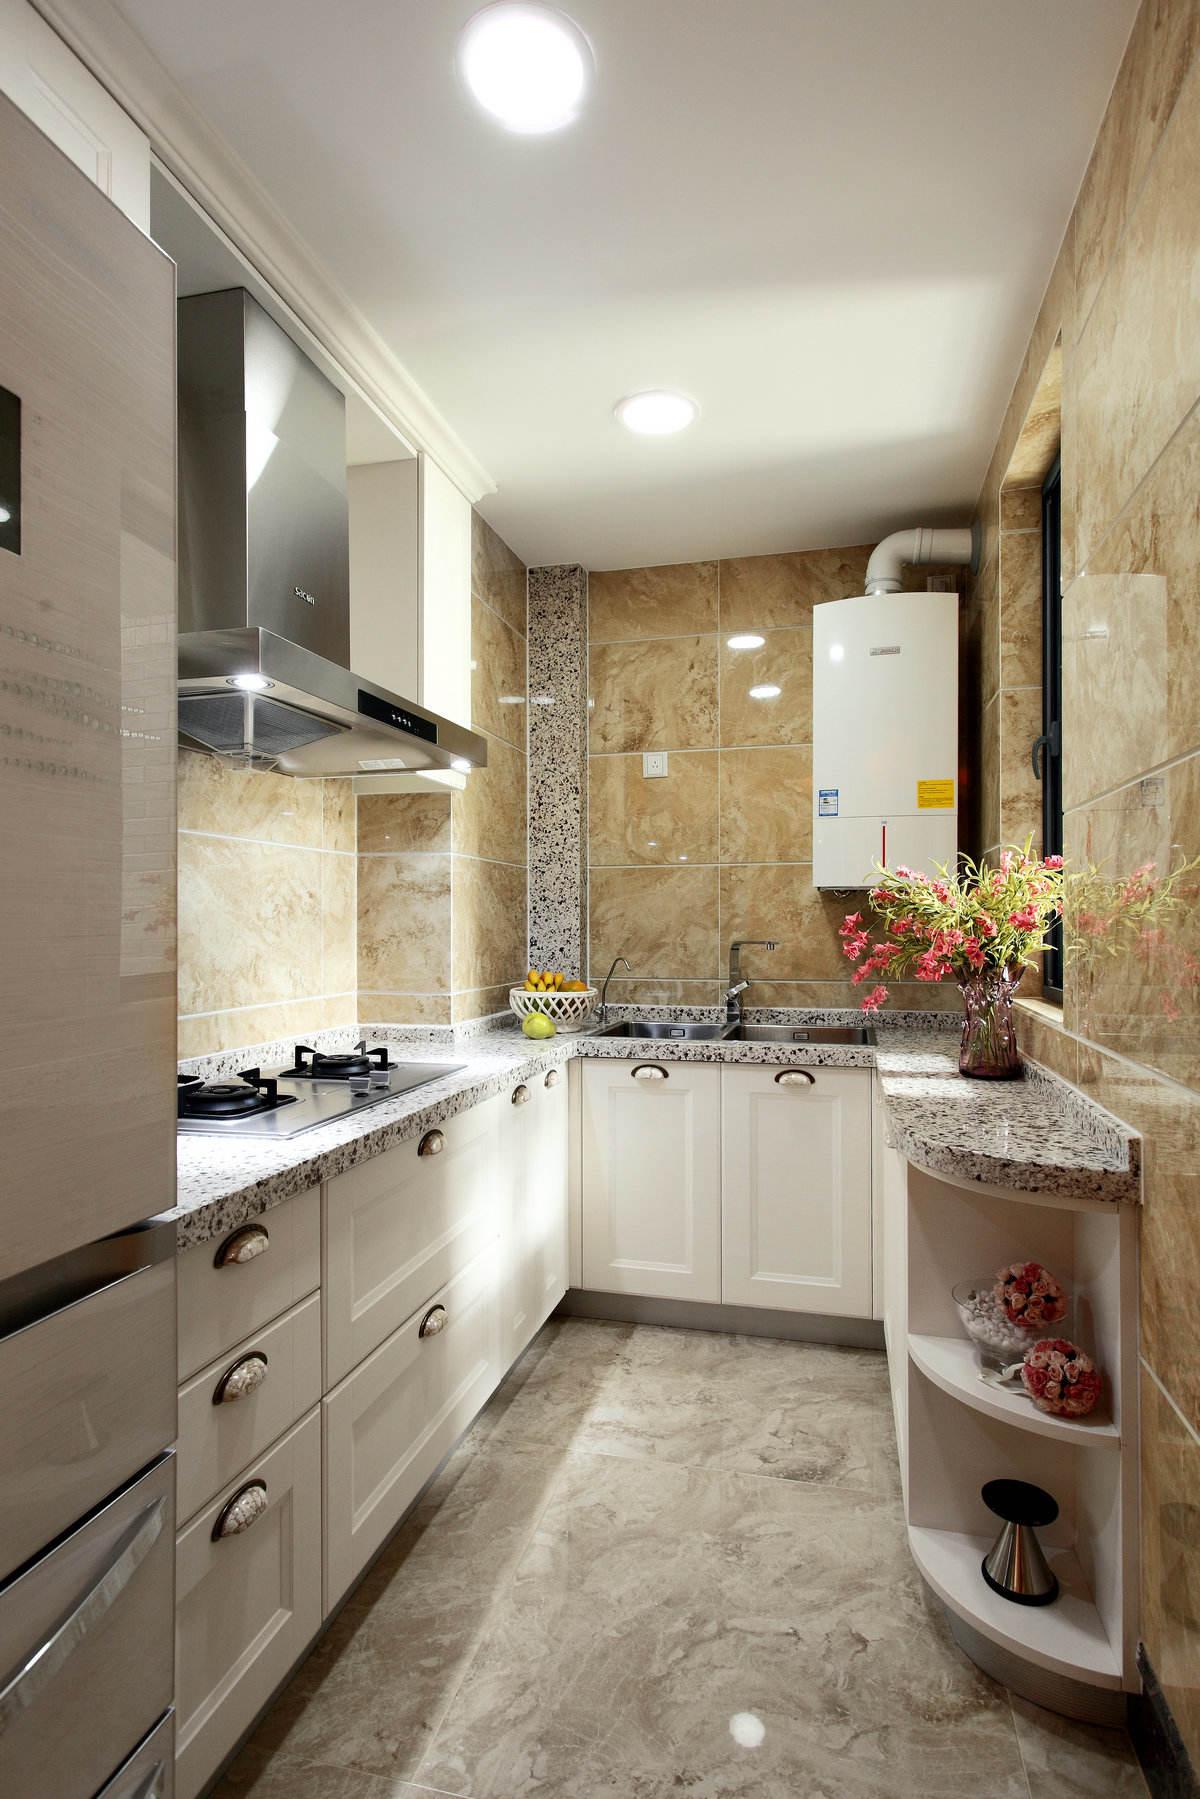 美式风格厨房石英石台面设计